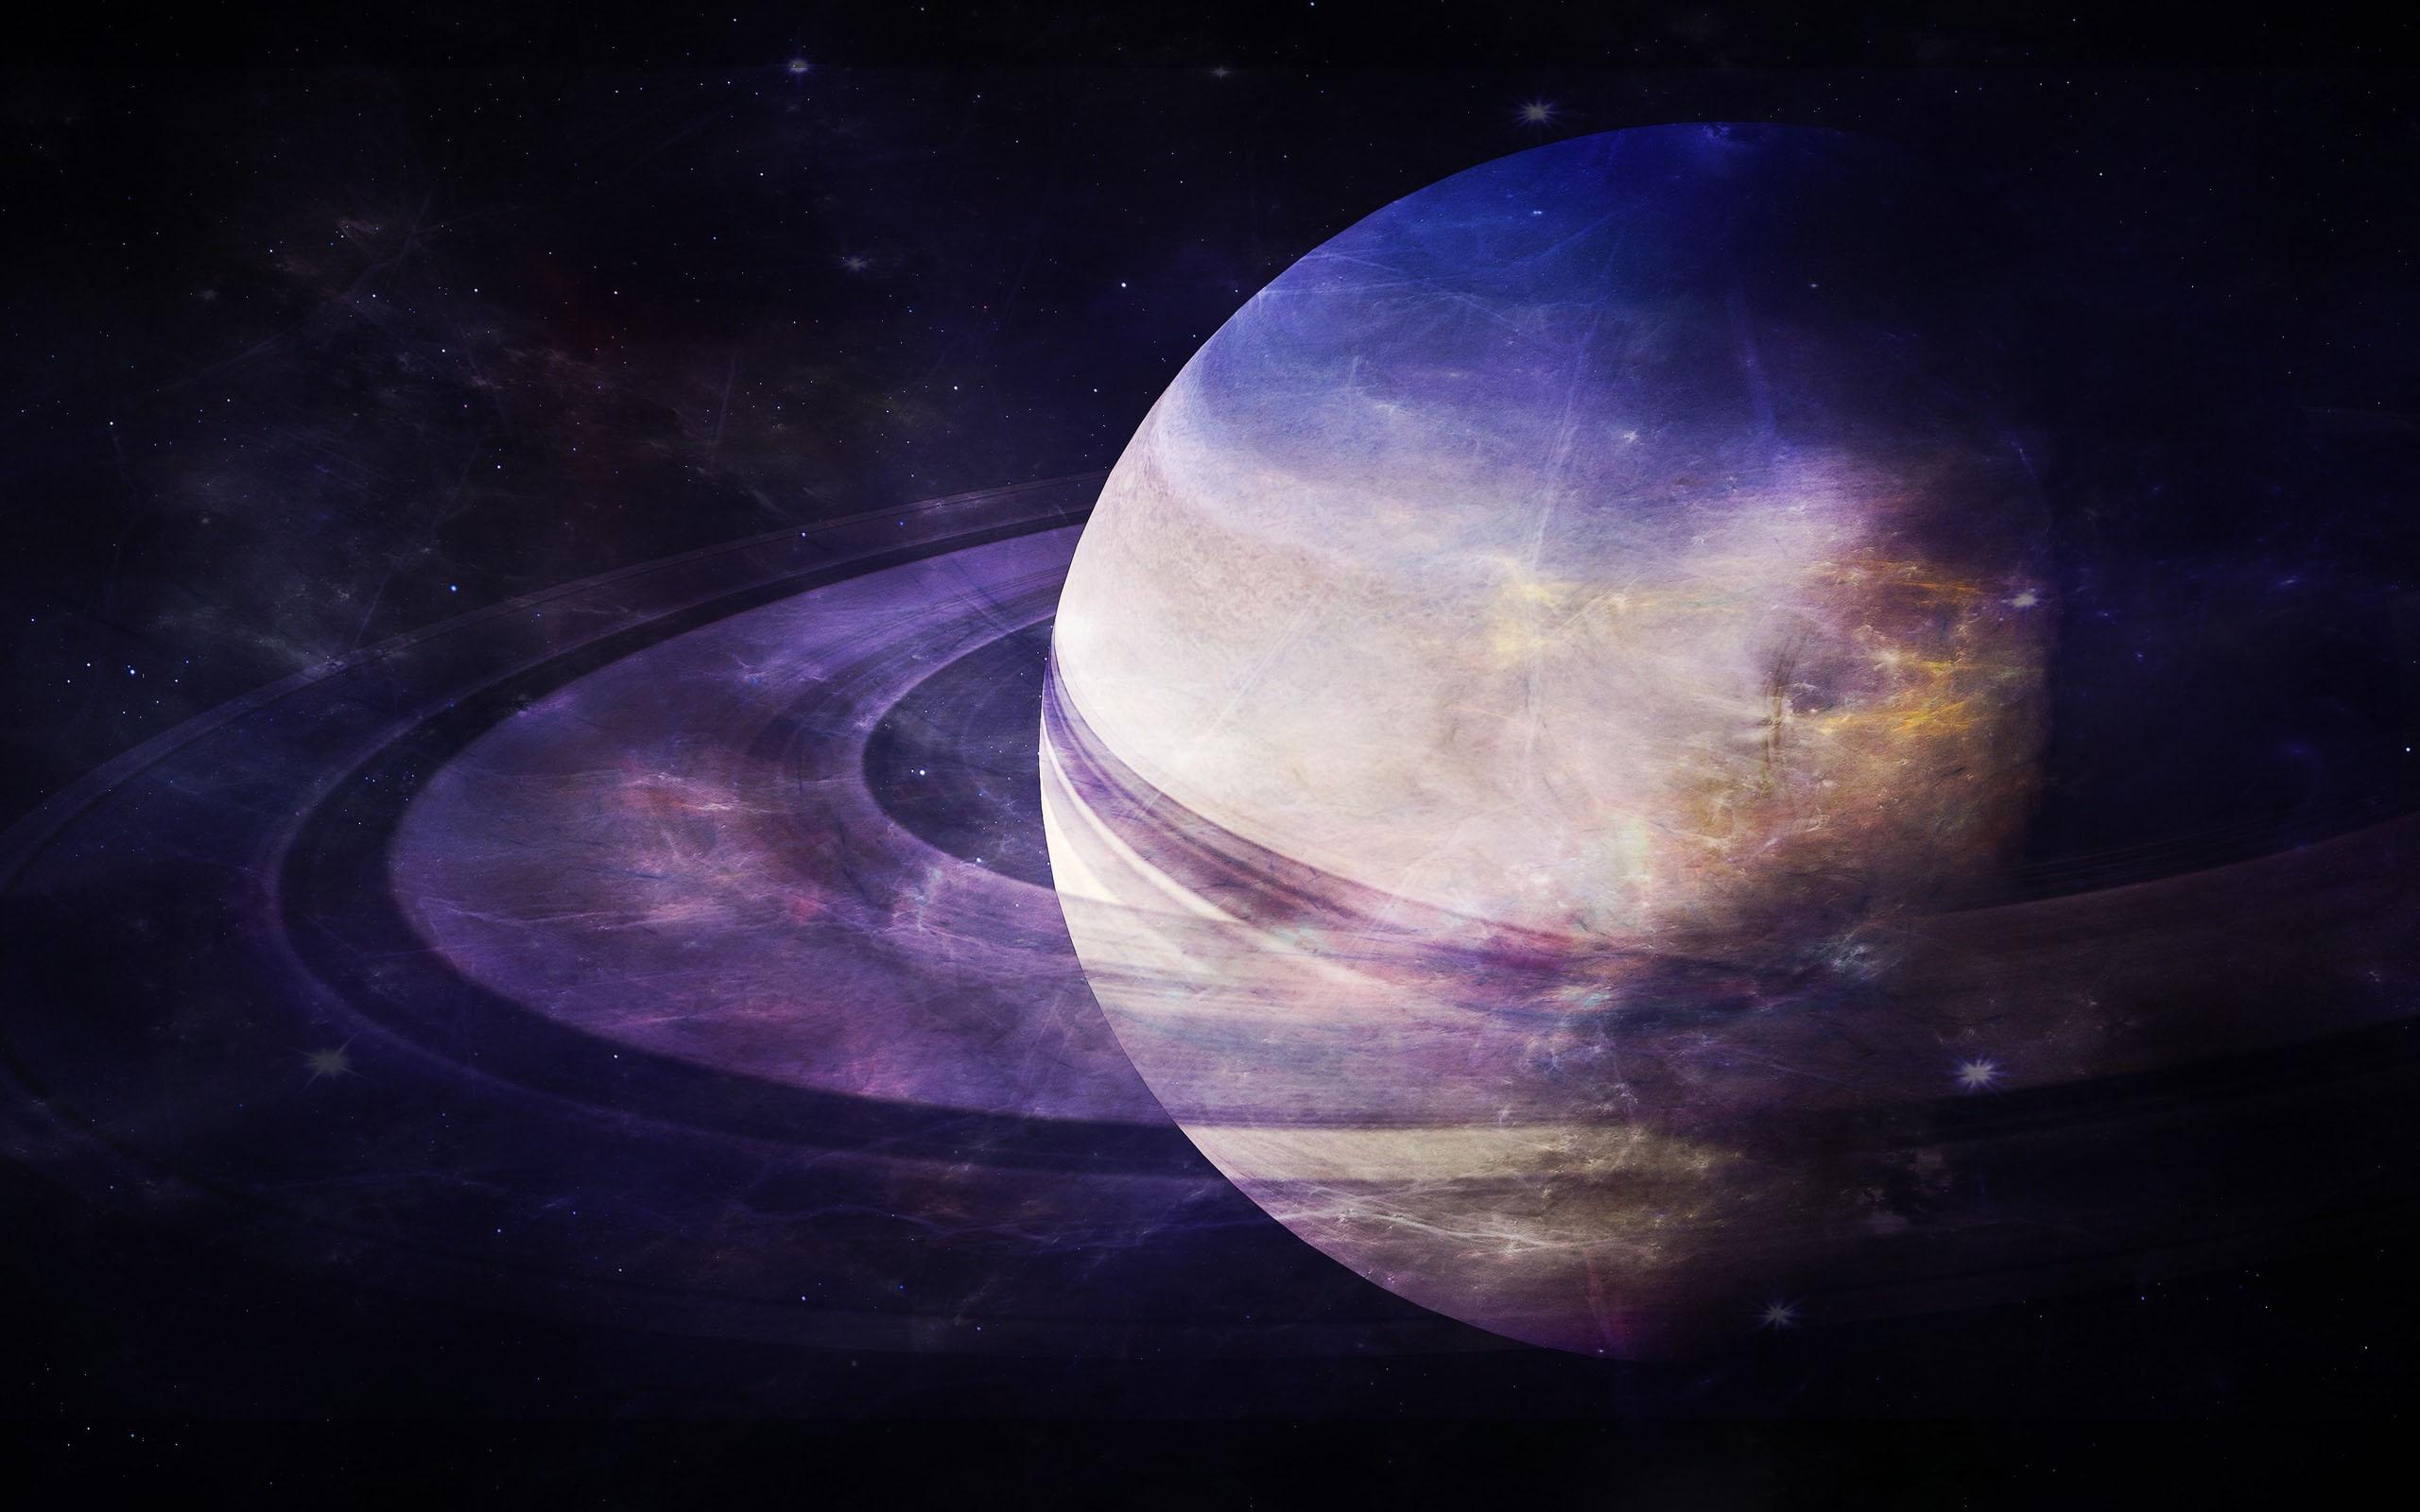 Картинки на рабочий стол сатурна из космоса